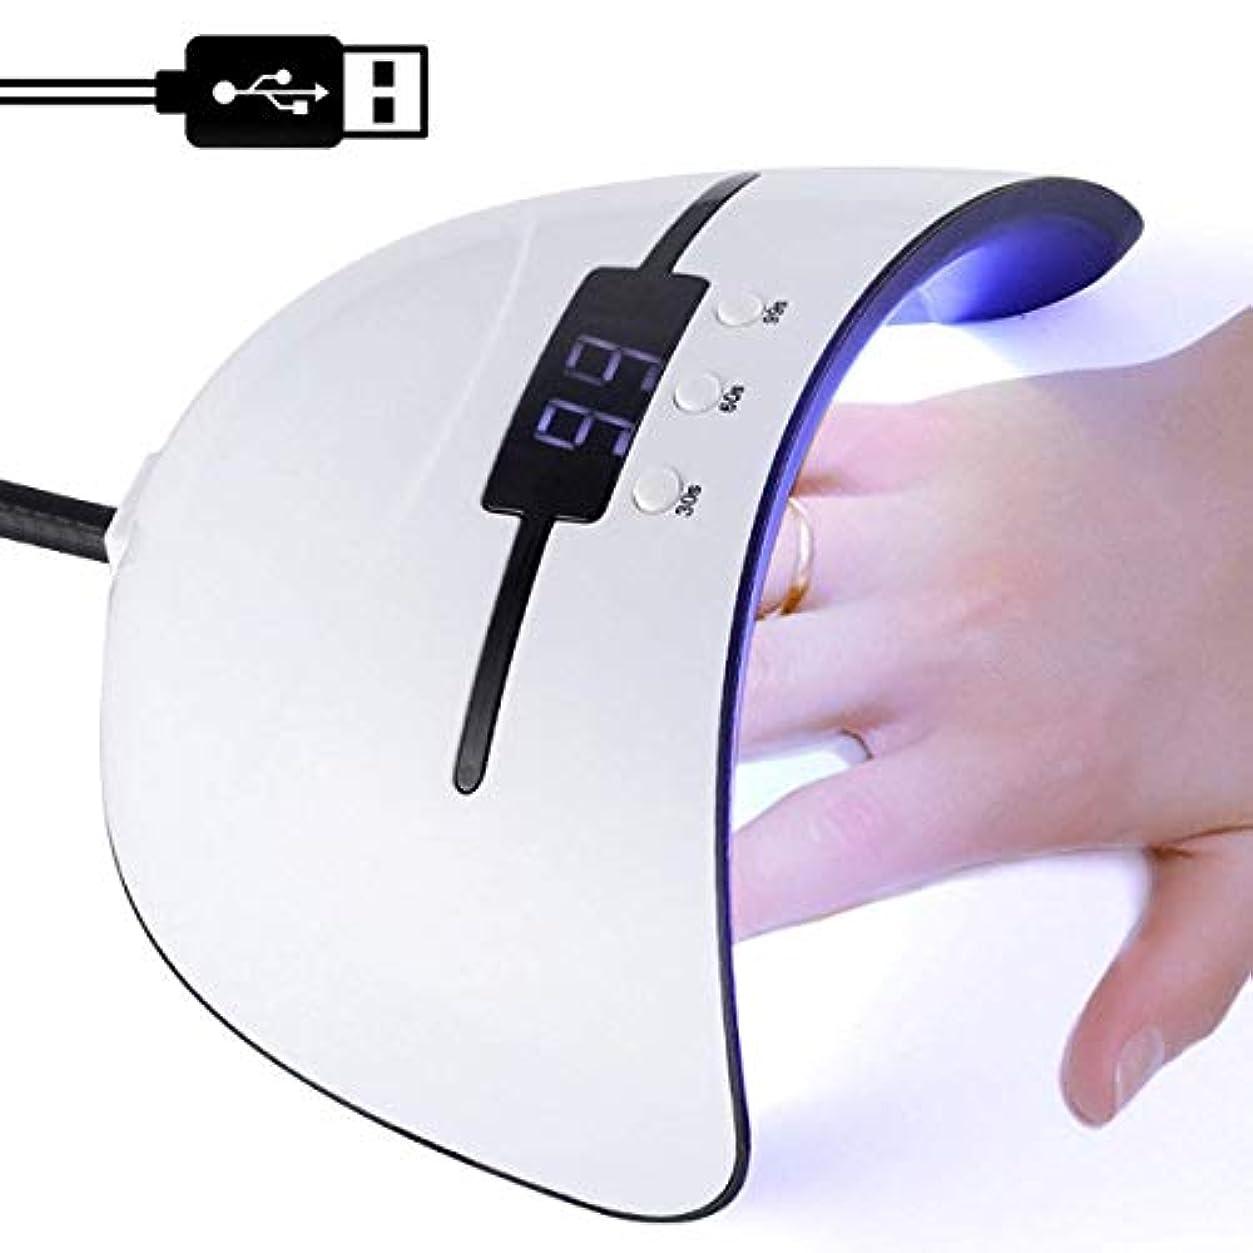 バイオレット感度拘束ネイルドライヤー 硬化用ライト 36w 美肌搭載 爪の薄い女性でも安心 液晶モニター センサーが感知 全ジェル対応 LED UV ネイルライト